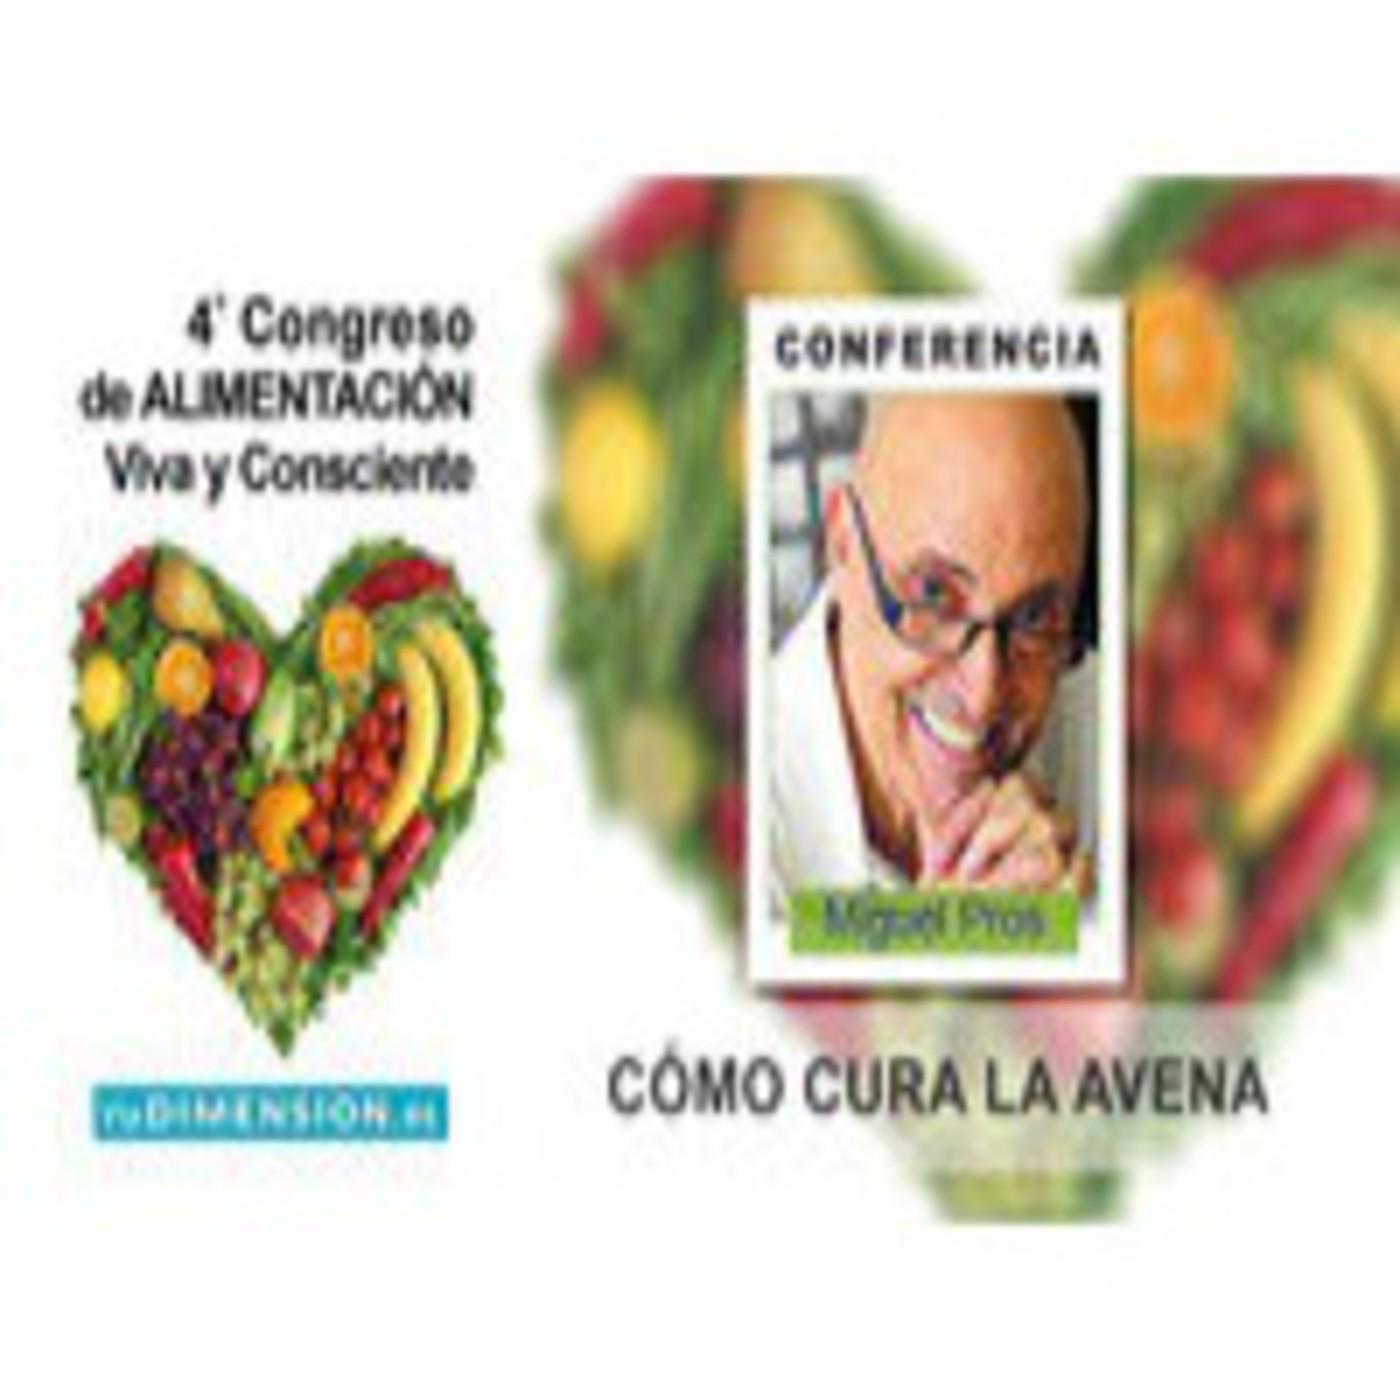 Cómo cura la Avena, el alimento prodigioso - Conferencia de Dr Miquel Pros